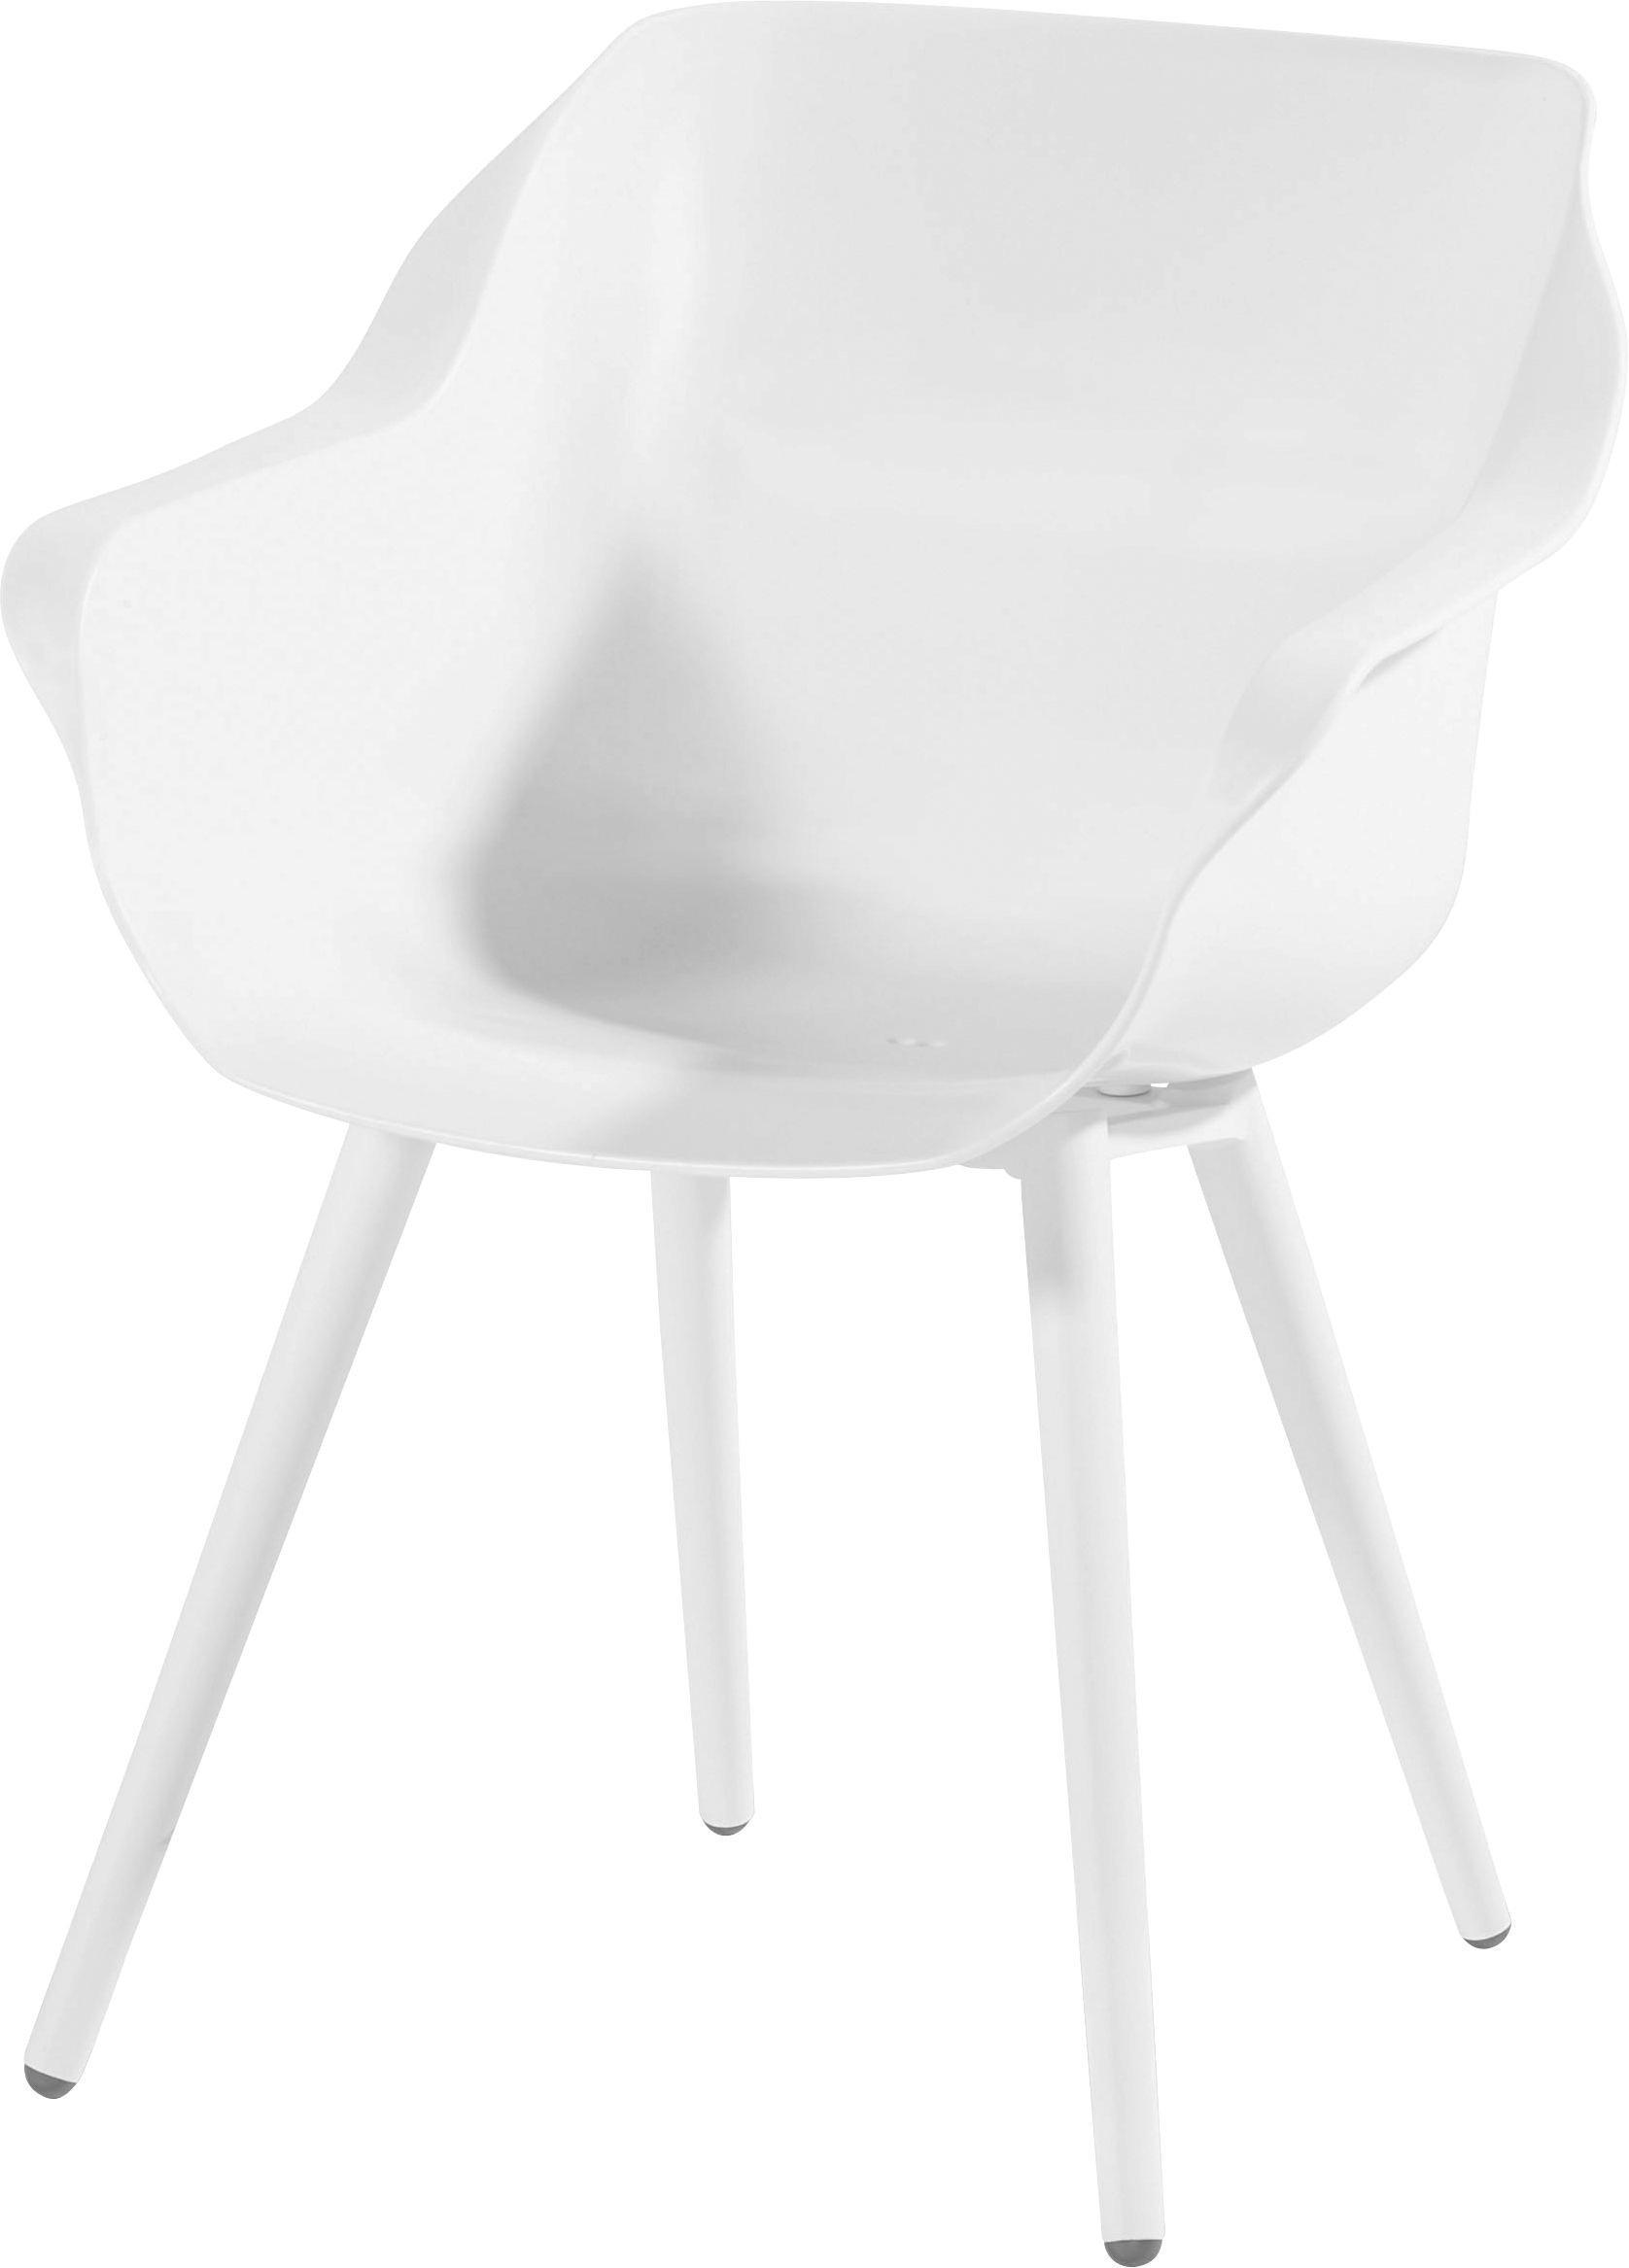 GARTENSTUHL Weiß   Weiß, Design, Kunststoff/Metall (59/62/84cm